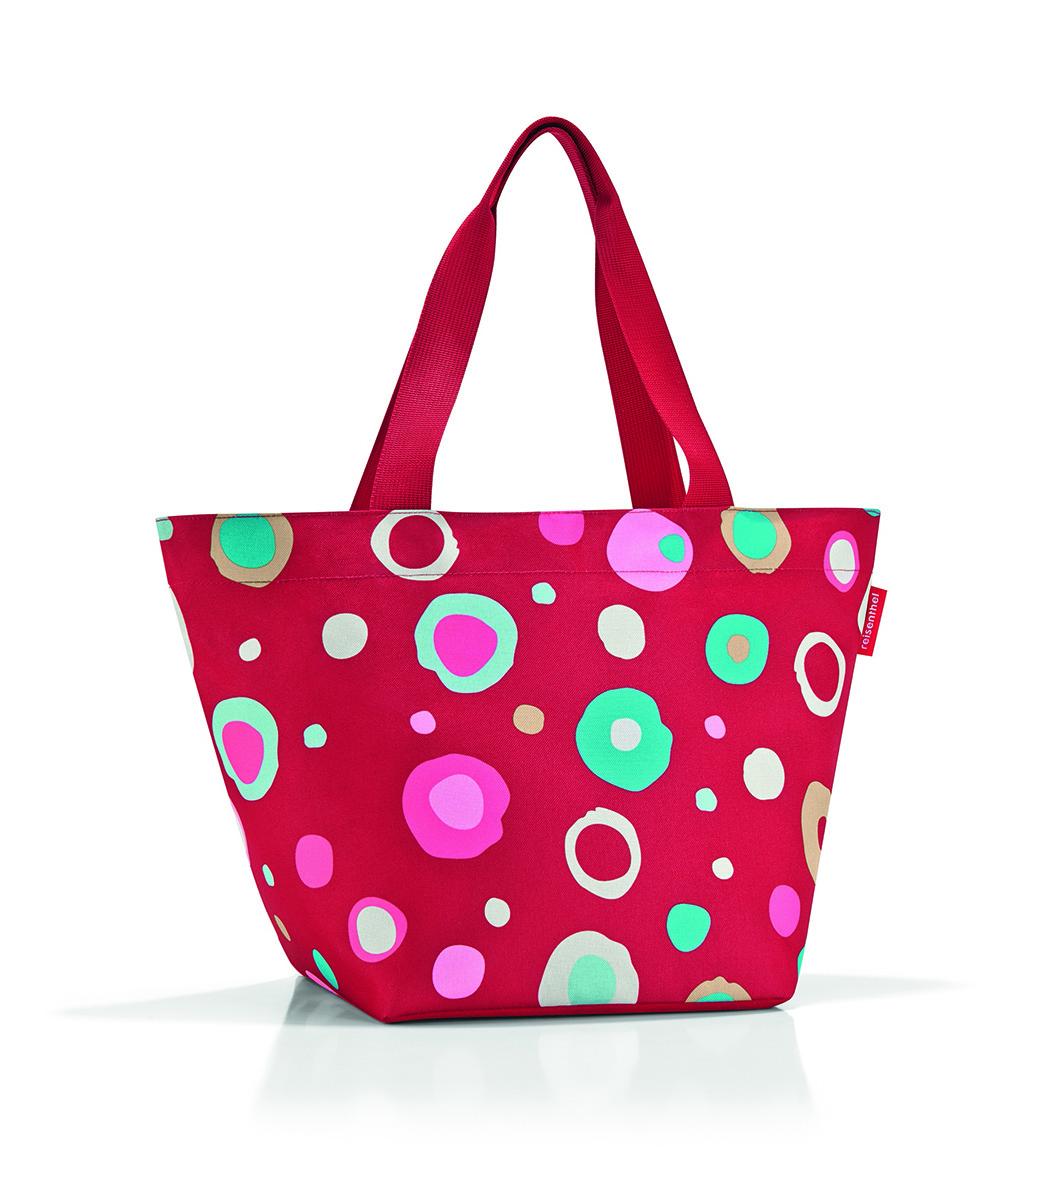 Сумка женская Reisenthel Shopper M, цвет: красный. ZS3048ZS3048Универсальная женская сумка Reisenthel Shopper M изготовлена из плотного полиэстера и оформлена ярким принтом. Сумка содержит одно вместительное отделение, закрывающееся на застежку-молнию. Внутри расположен нашивной карман на молнии. Изделие дополнено двумя практичными широкими ручками, которые позволят носить сумку, как в руках, так и на плече. Практичная сумка станет незаменимым аксессуаром для повседневного использования.